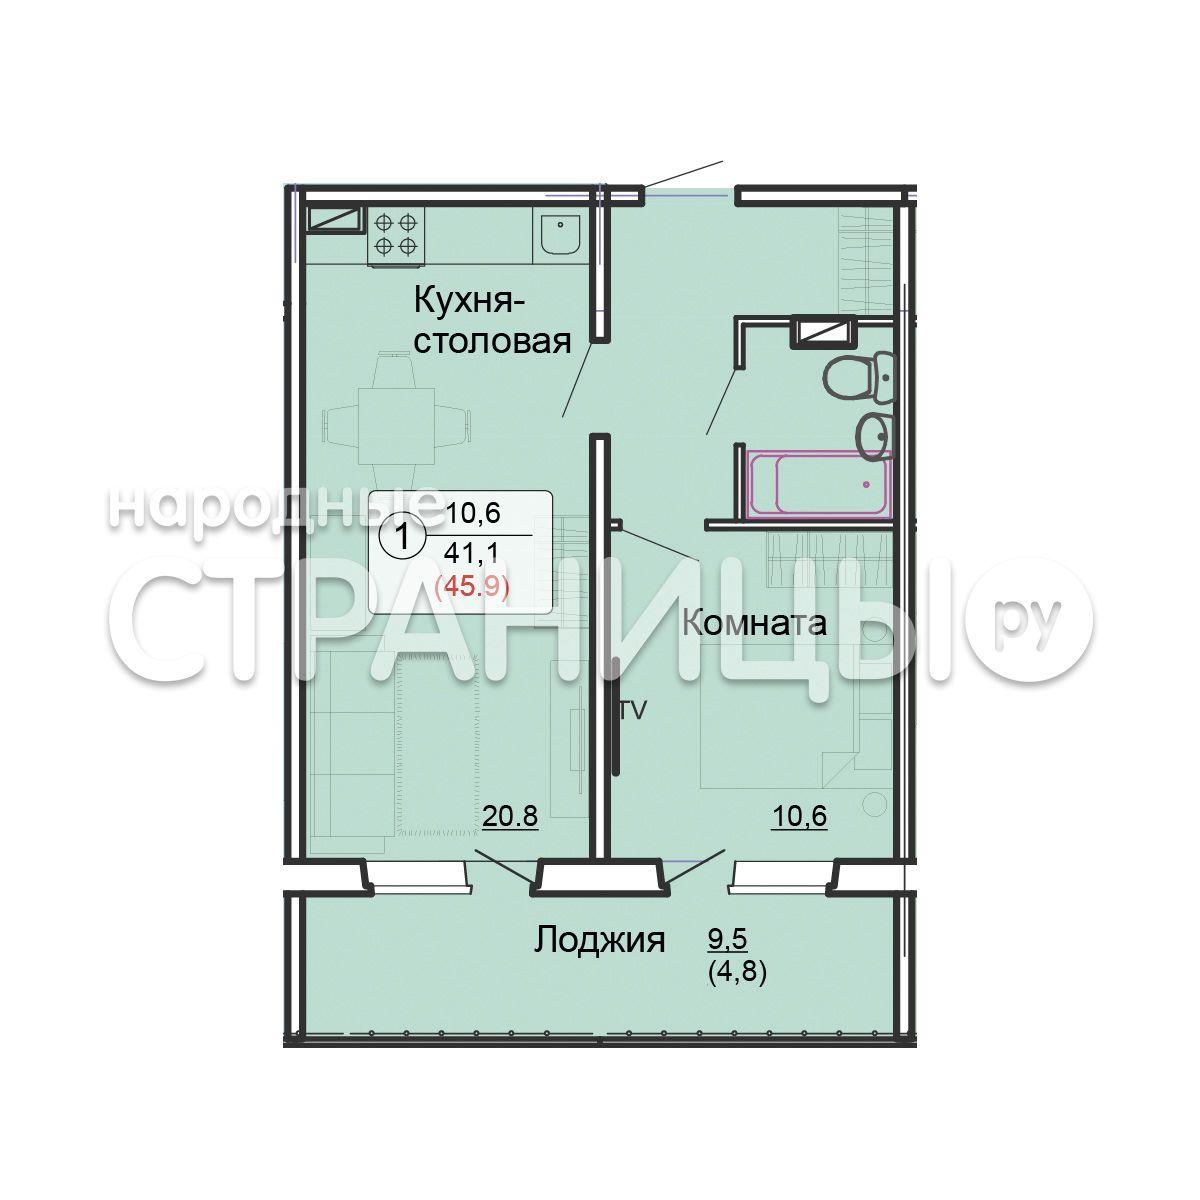 1-комнатная квартира, 45.9 м²,  6/17 эт. Панельный дом